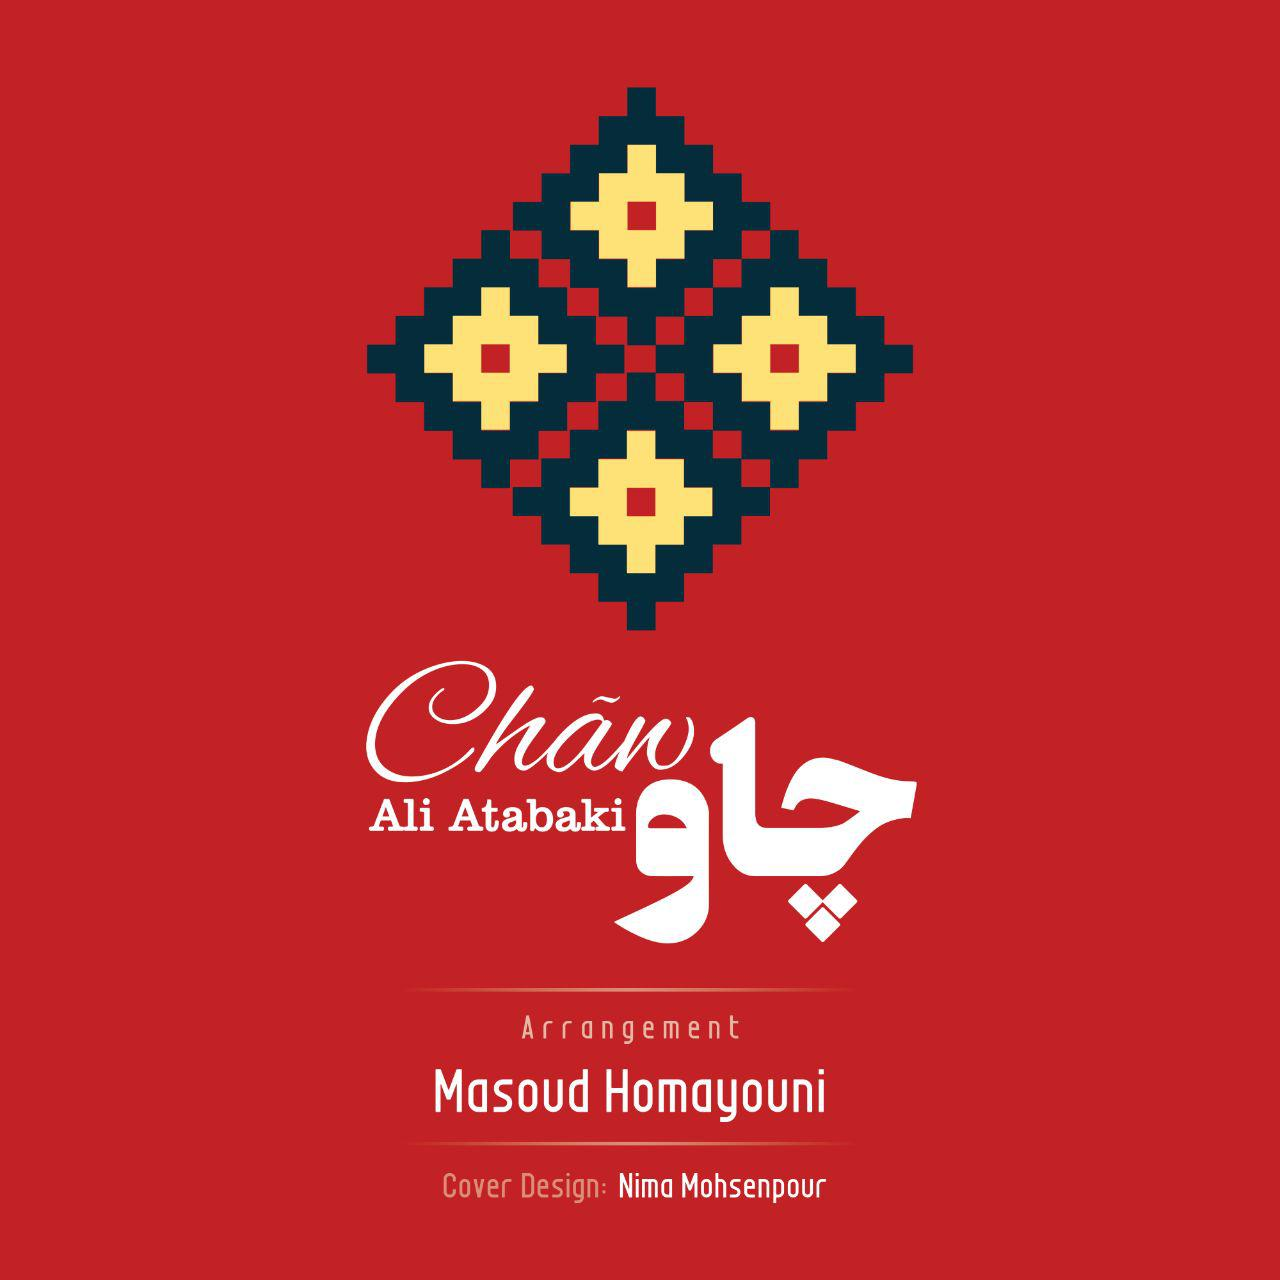 Ali Atabaki – Chaw